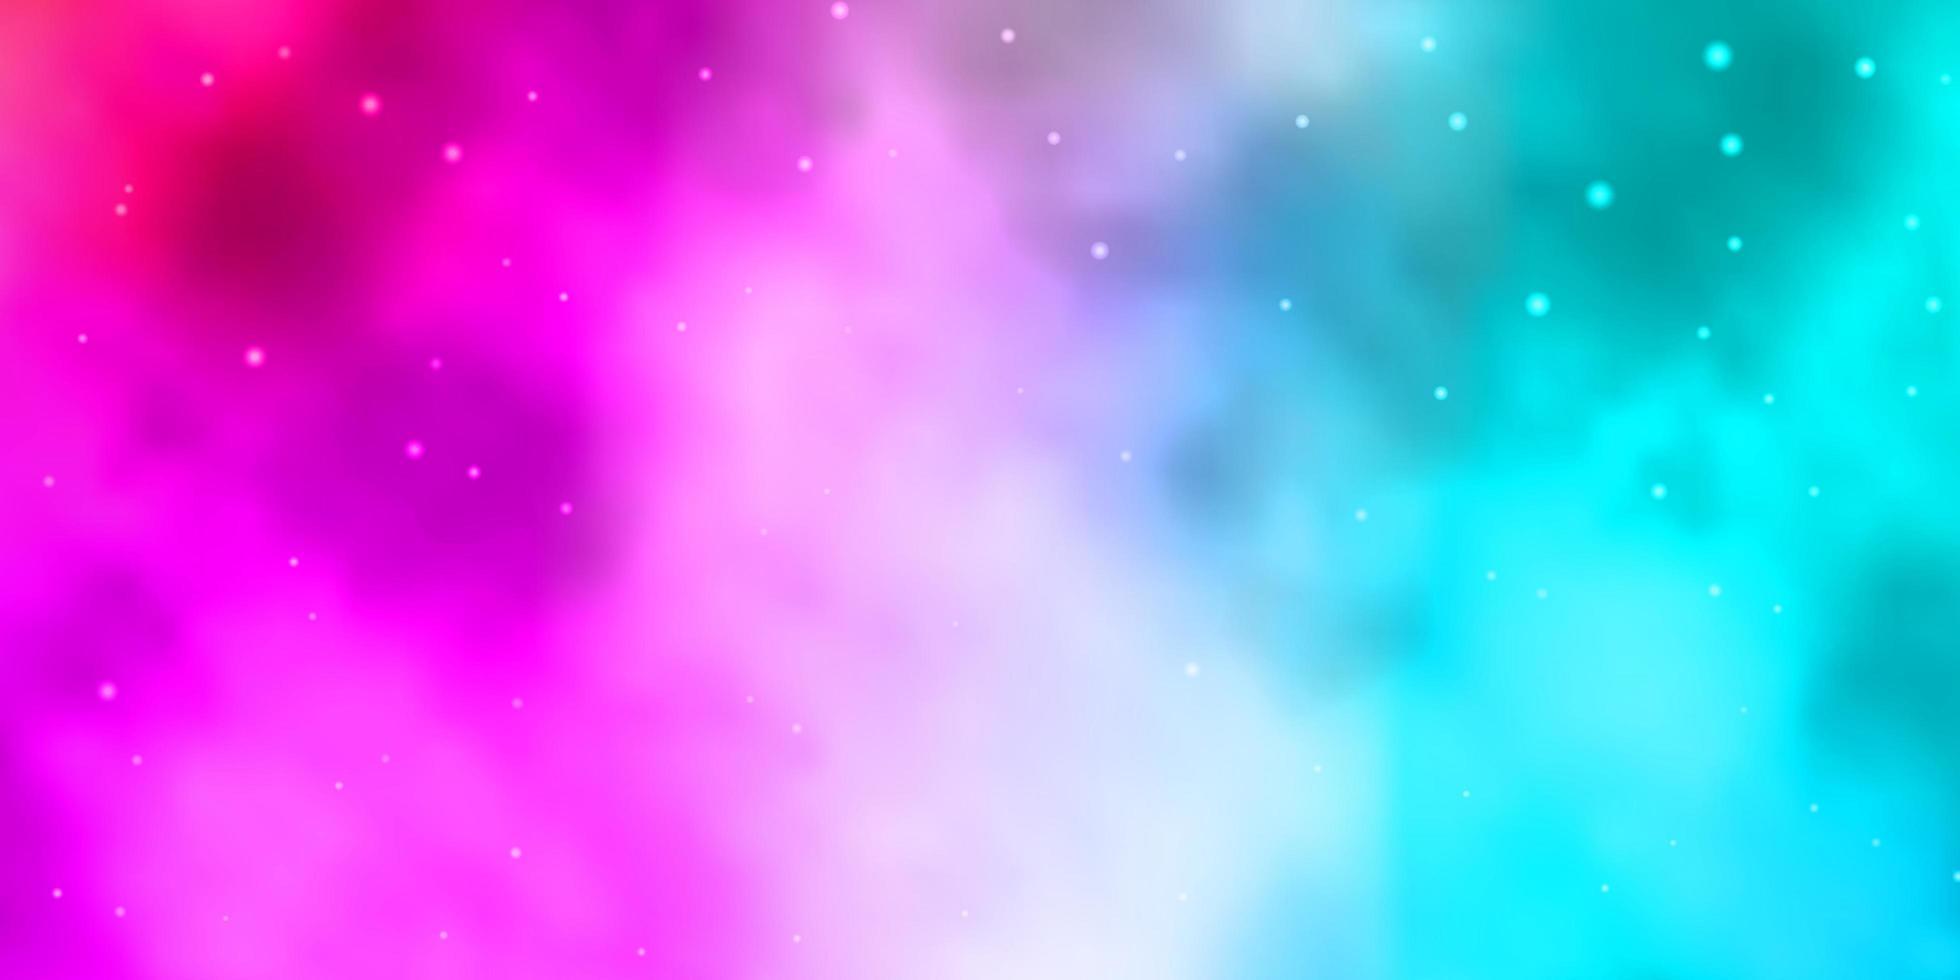 fundo vector azul, vermelho claro com estrelas coloridas.